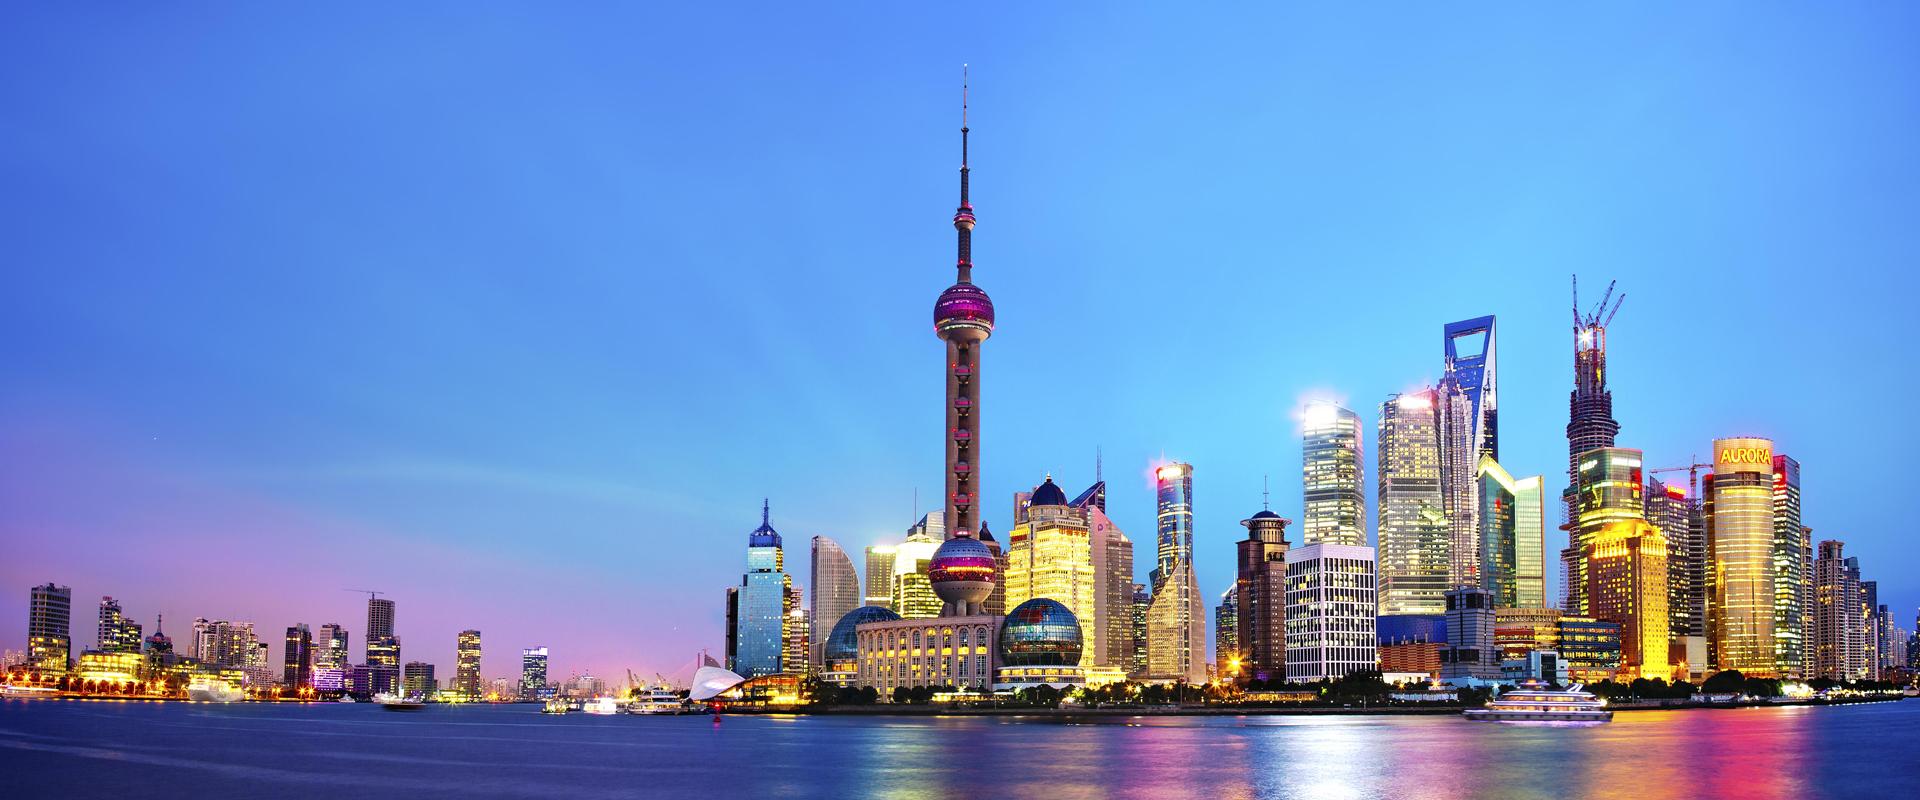 Kina-seminar D. 6. Oktober